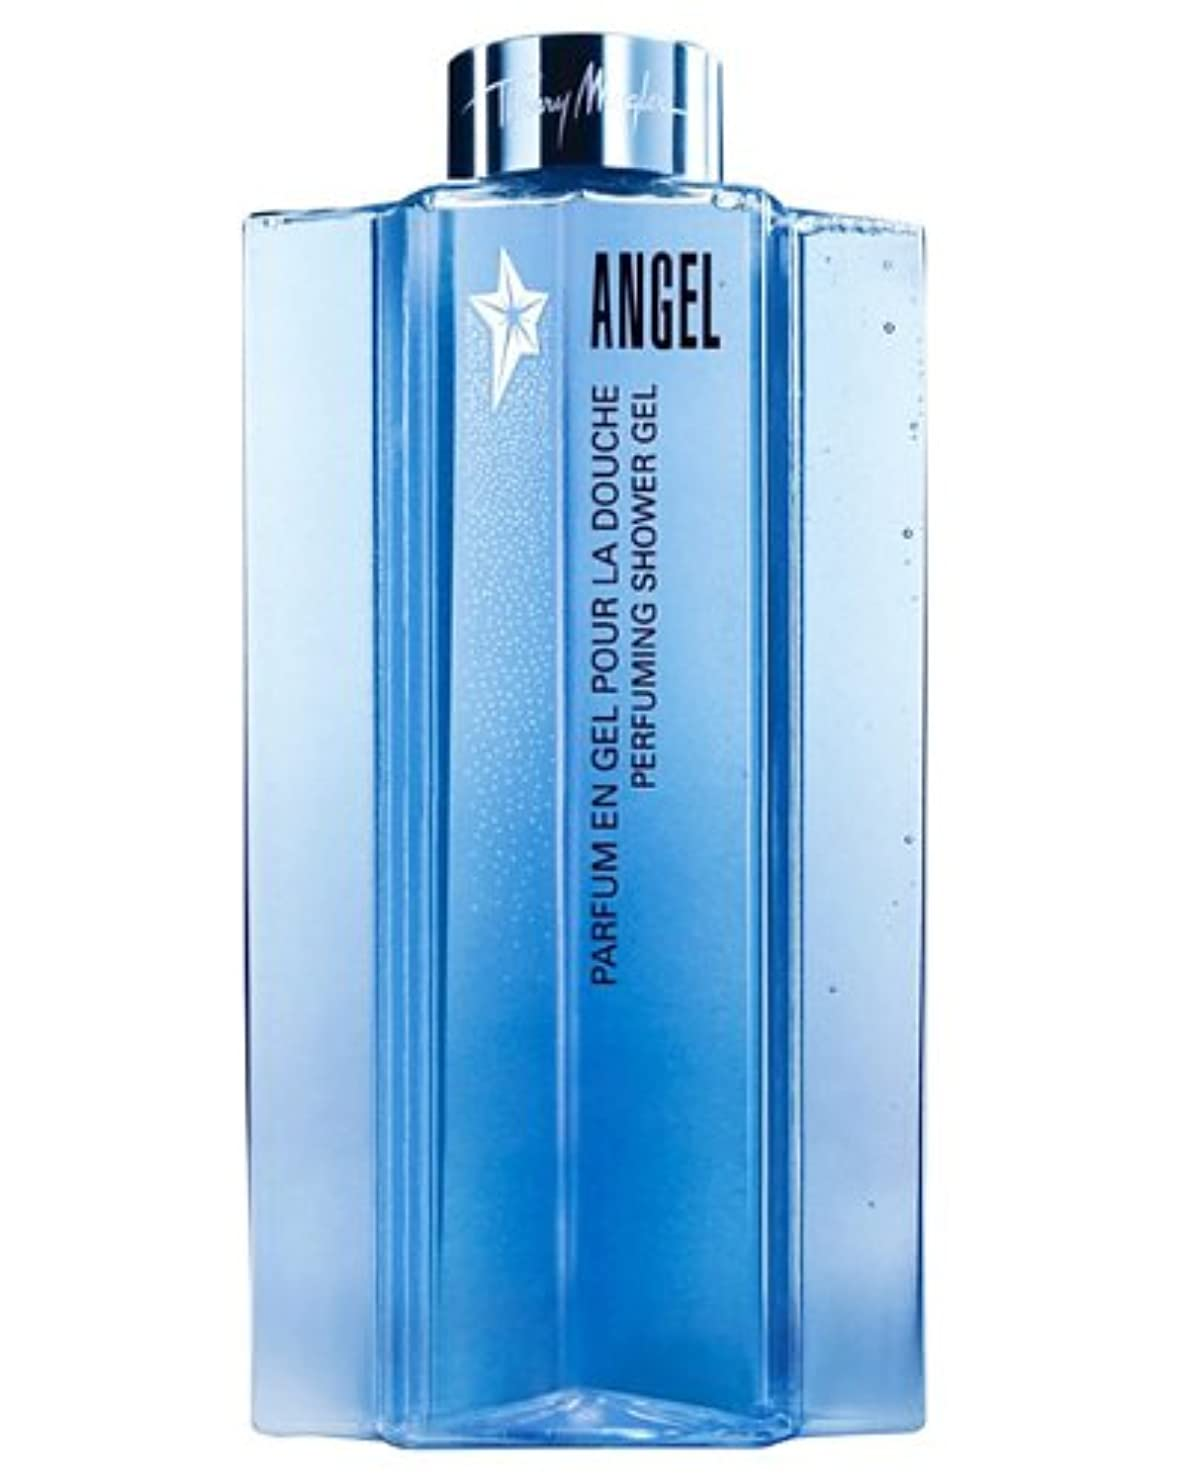 修士号拍手囲まれた[ティエリー ミュグレー] エンジェル 200 ml Perfuming シャワージェル